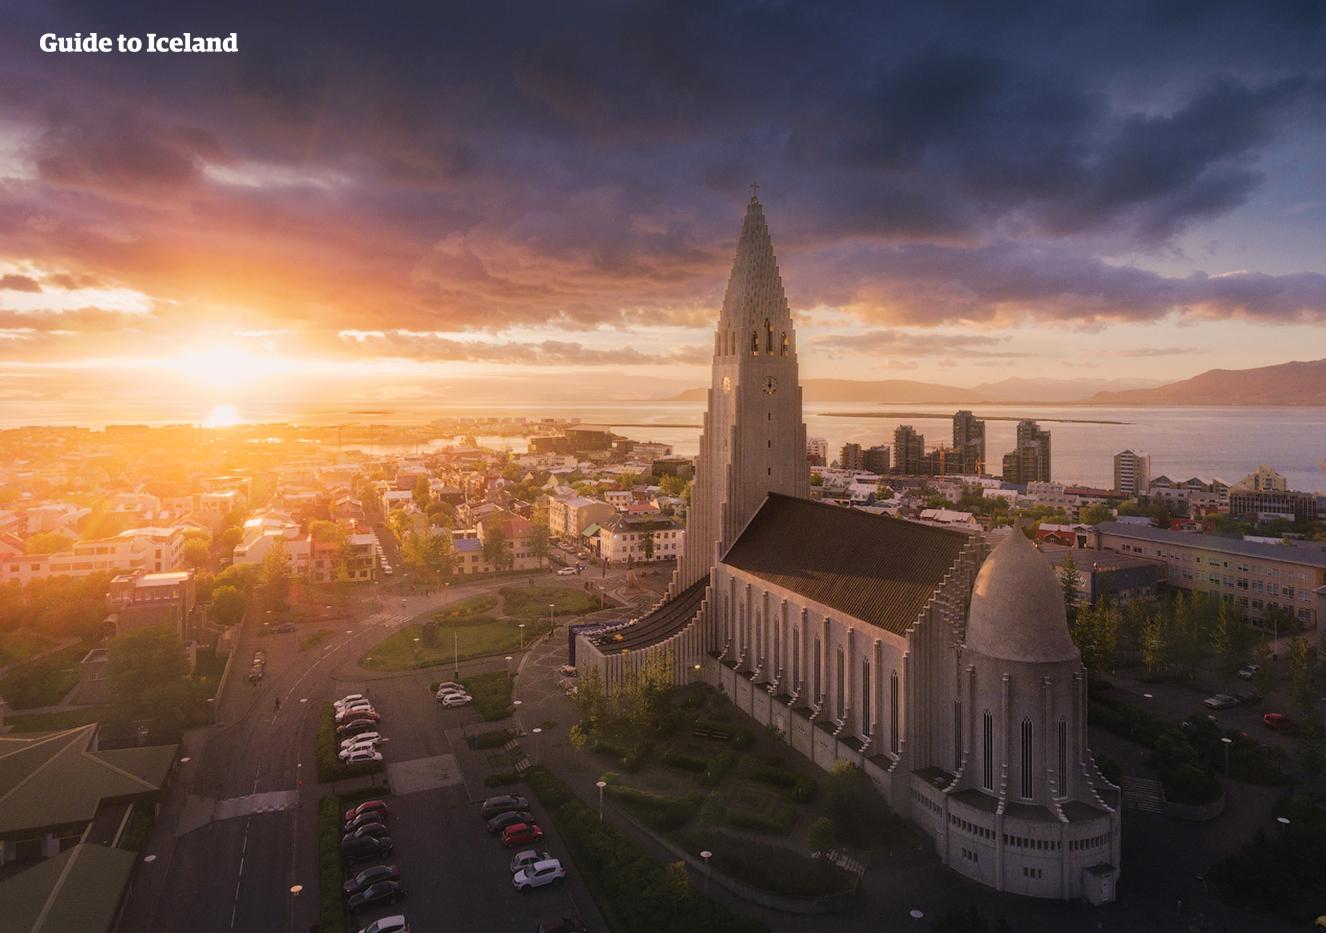 领略夏季午夜阳光下的冰岛首都雷克雅未克